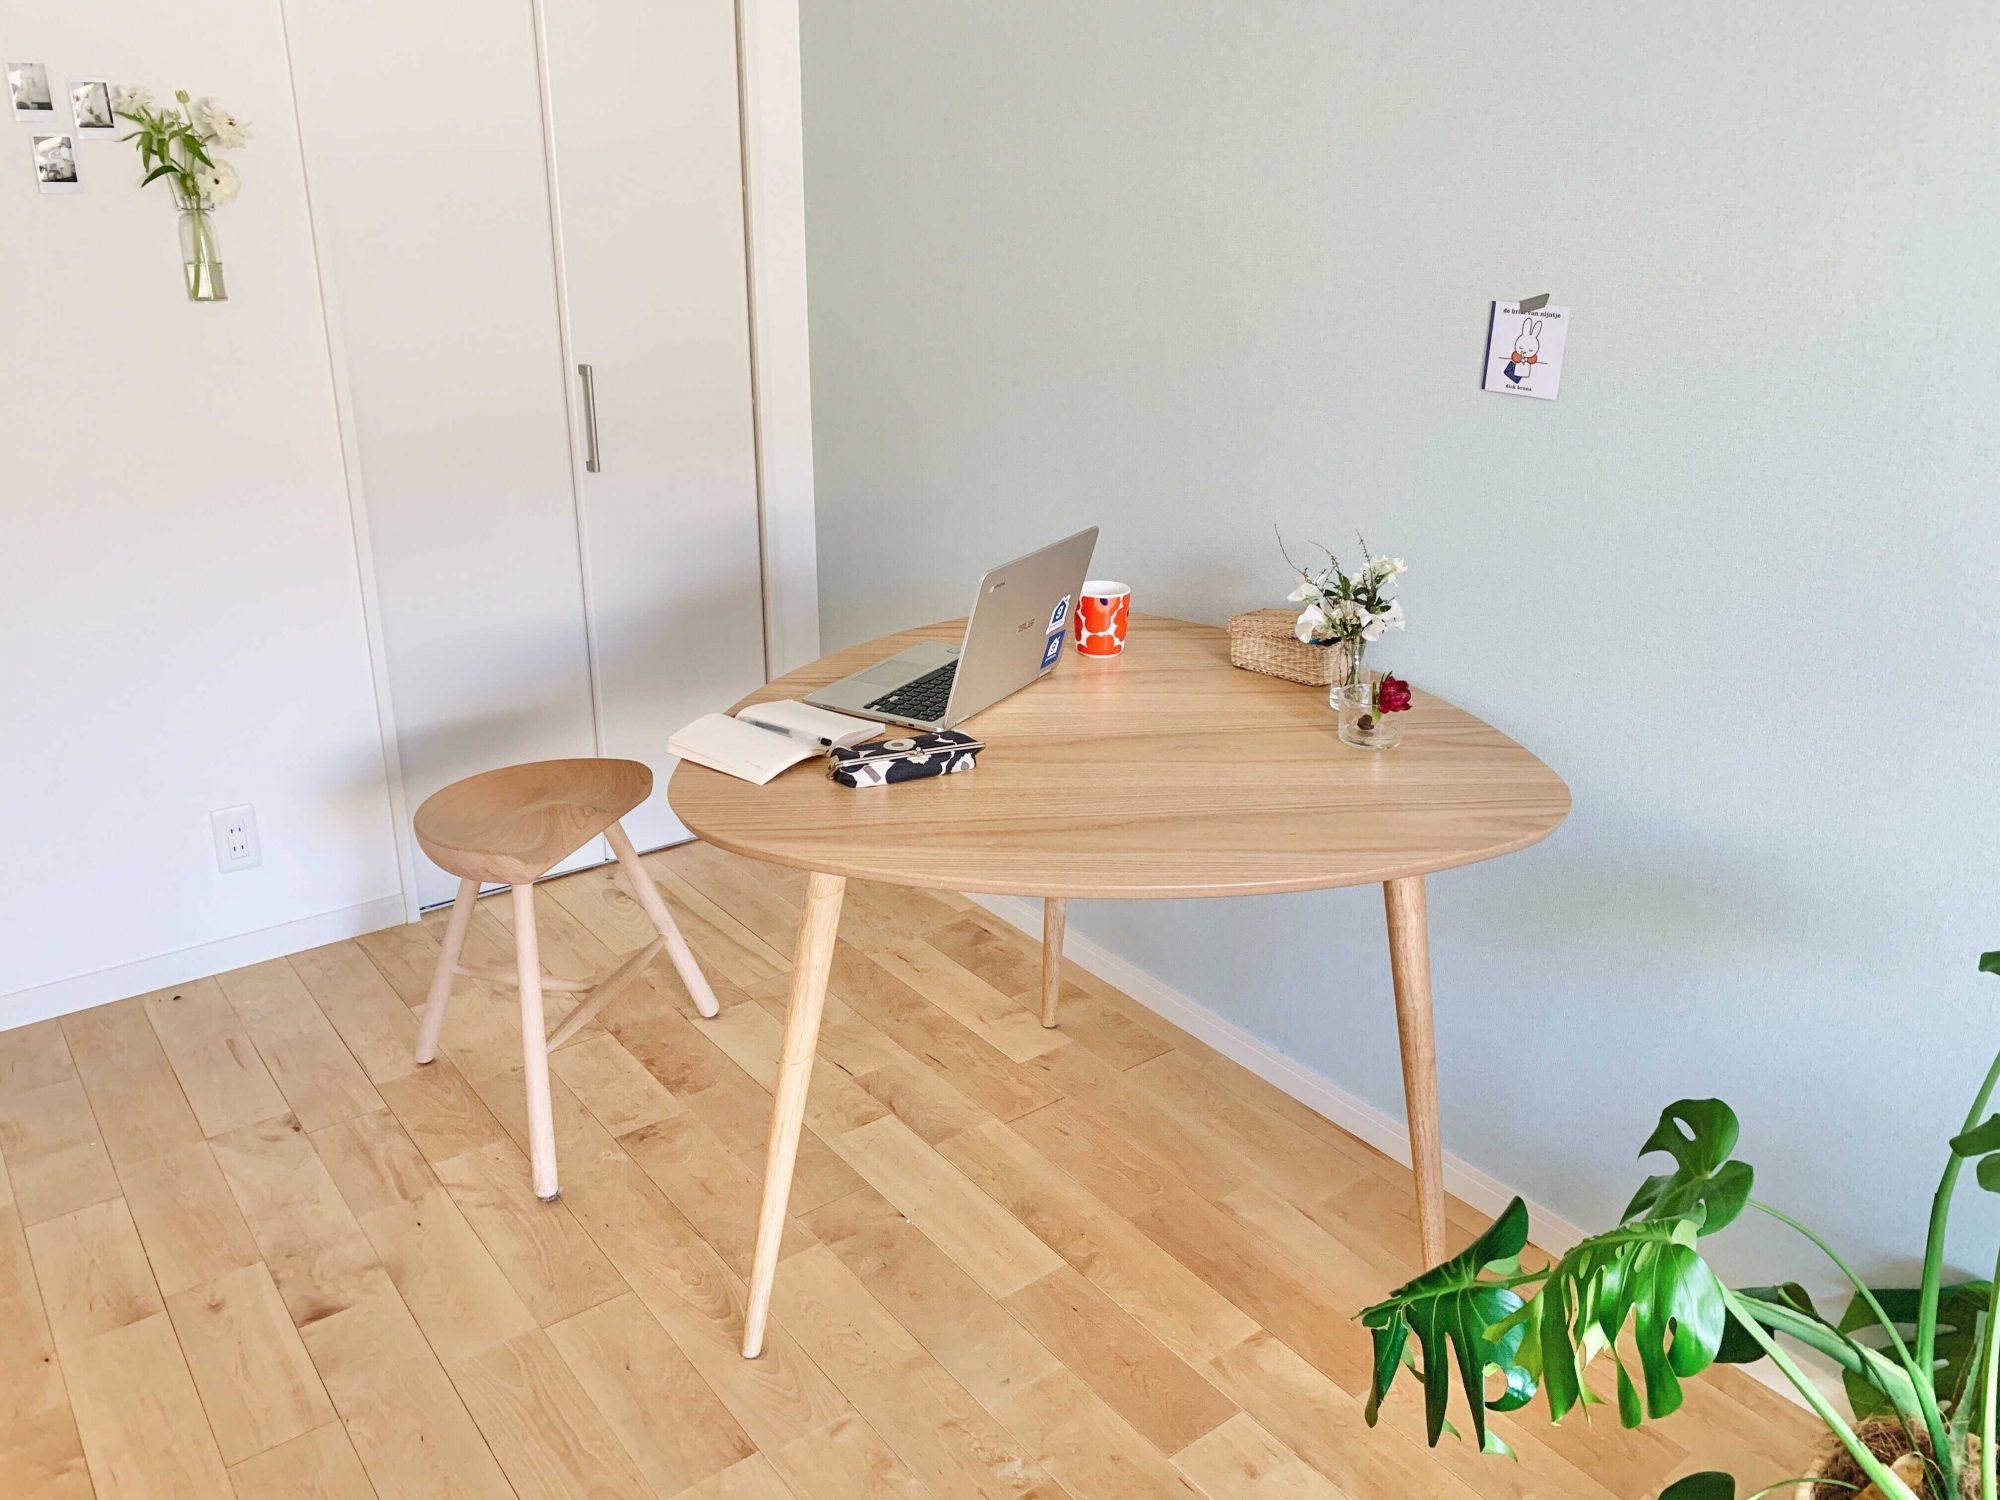 今度は壁につけてみました。長方形のテーブルより1辺少ないことで場所を取らず、2人掛けとしても使えます。